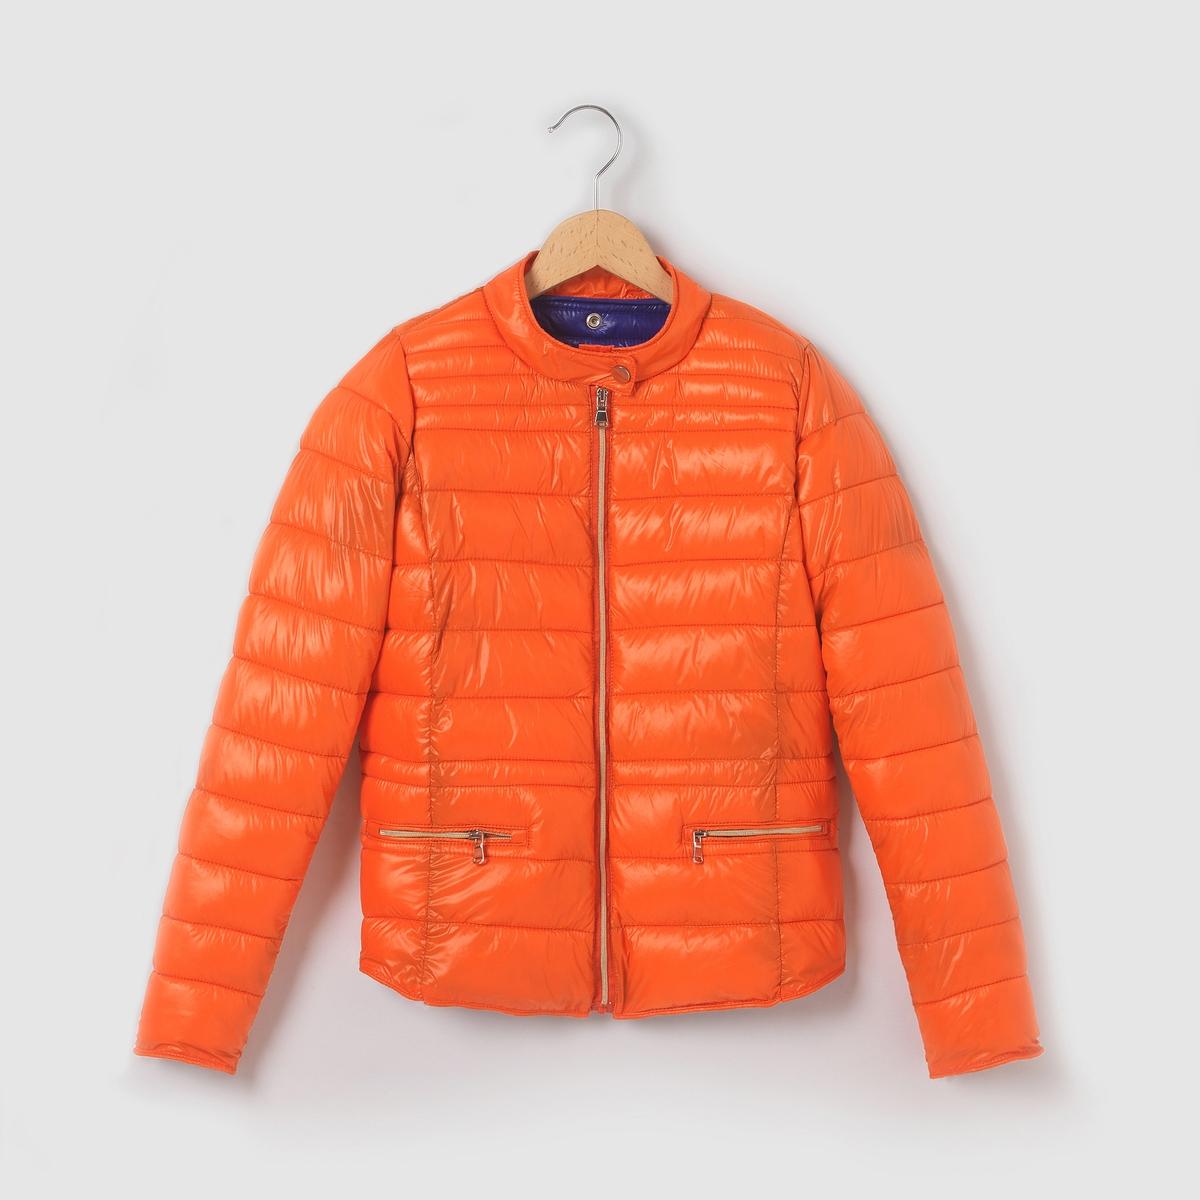 Стёганая куртка, лёгкая, на  10 - 16 летЛёгкая стёганая куртка с длинными рукавами. На пике модных тенденций! 100% полиамида. Контарастная подкладка из  100% полиамида. Ватин,  100% полиэстера. Застёжка + 2 кармана на молнии. 1 кнопка-пуговица.<br><br>Цвет: оранжевый<br>Размер: 12 лет -150 см